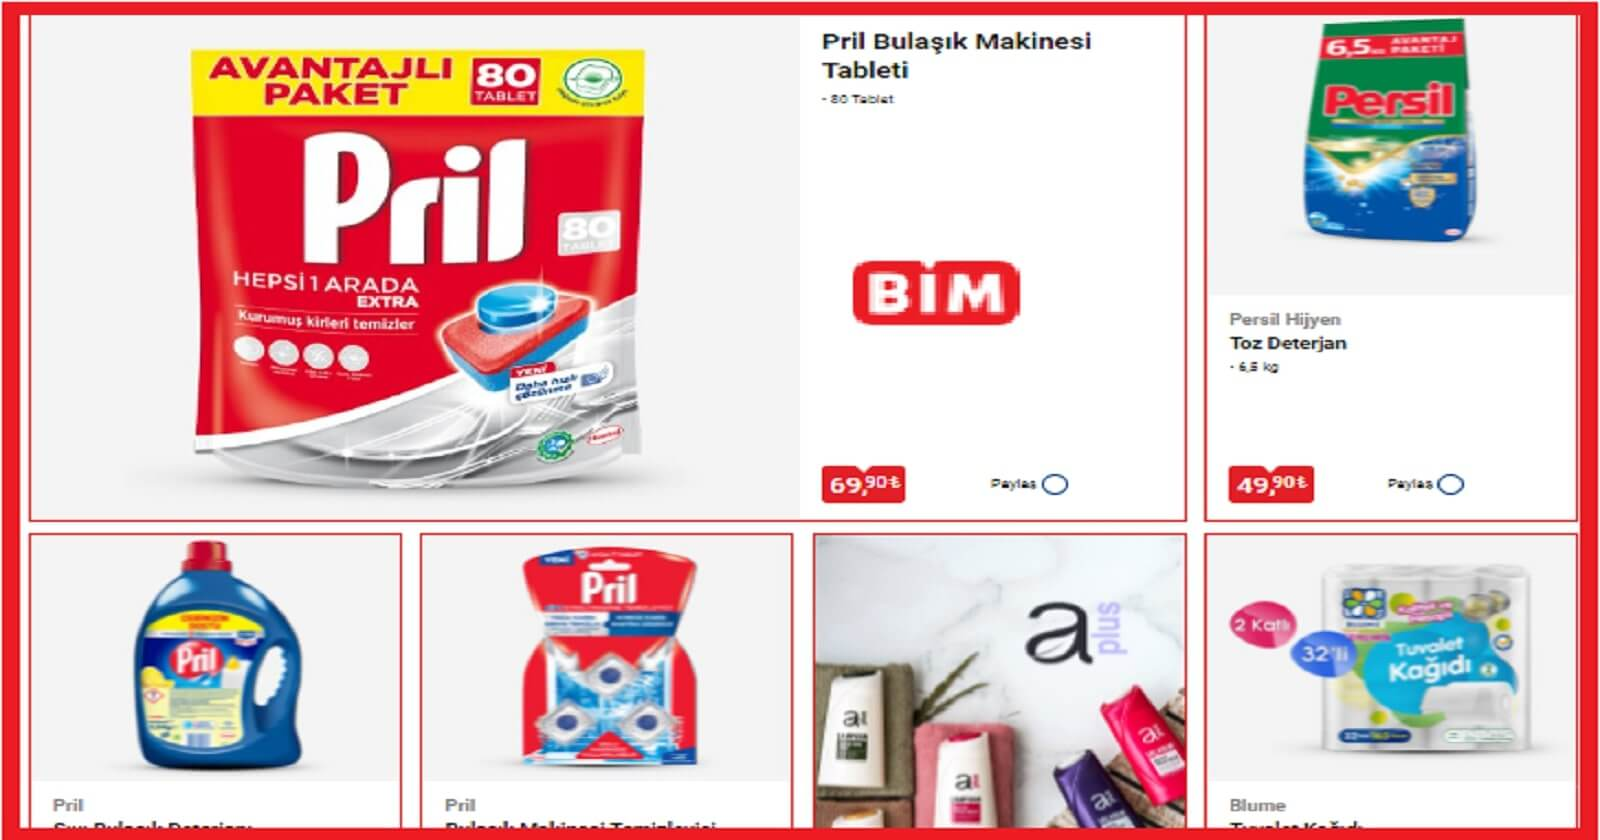 BİM 21 Eylül yeni indirimli aktüel ürünleri yayınlandı